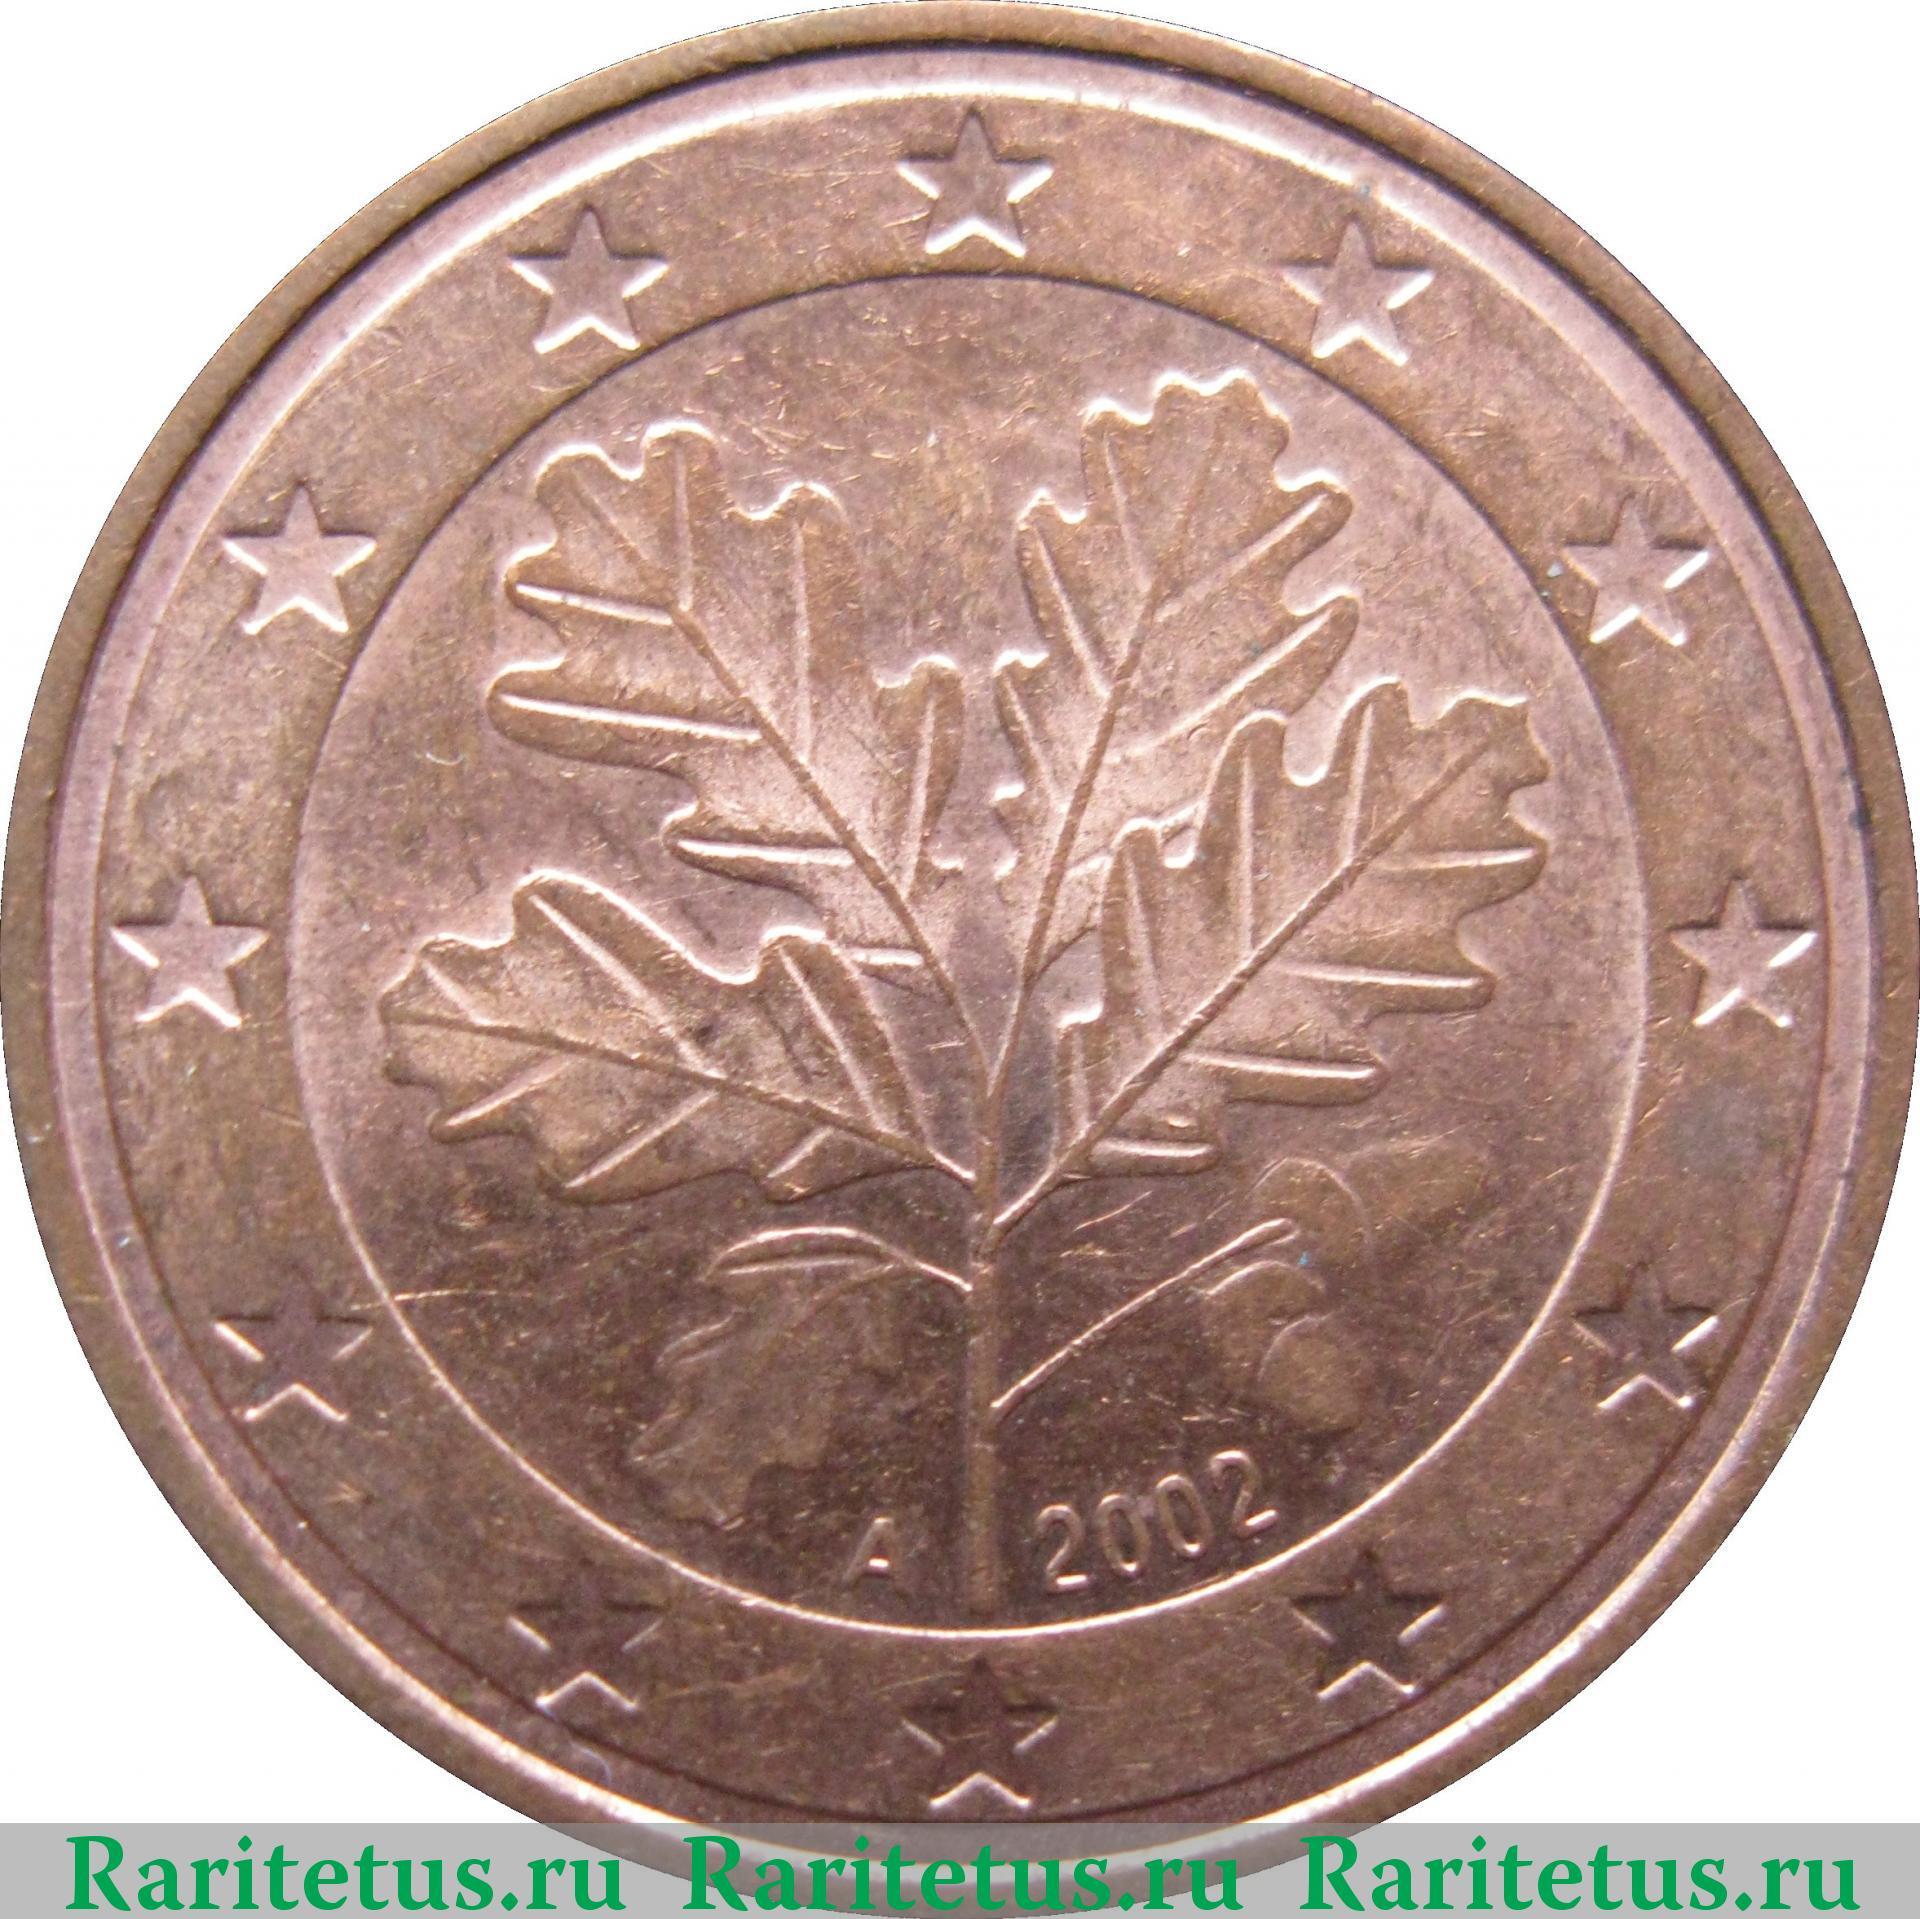 московский монетный двор гознака